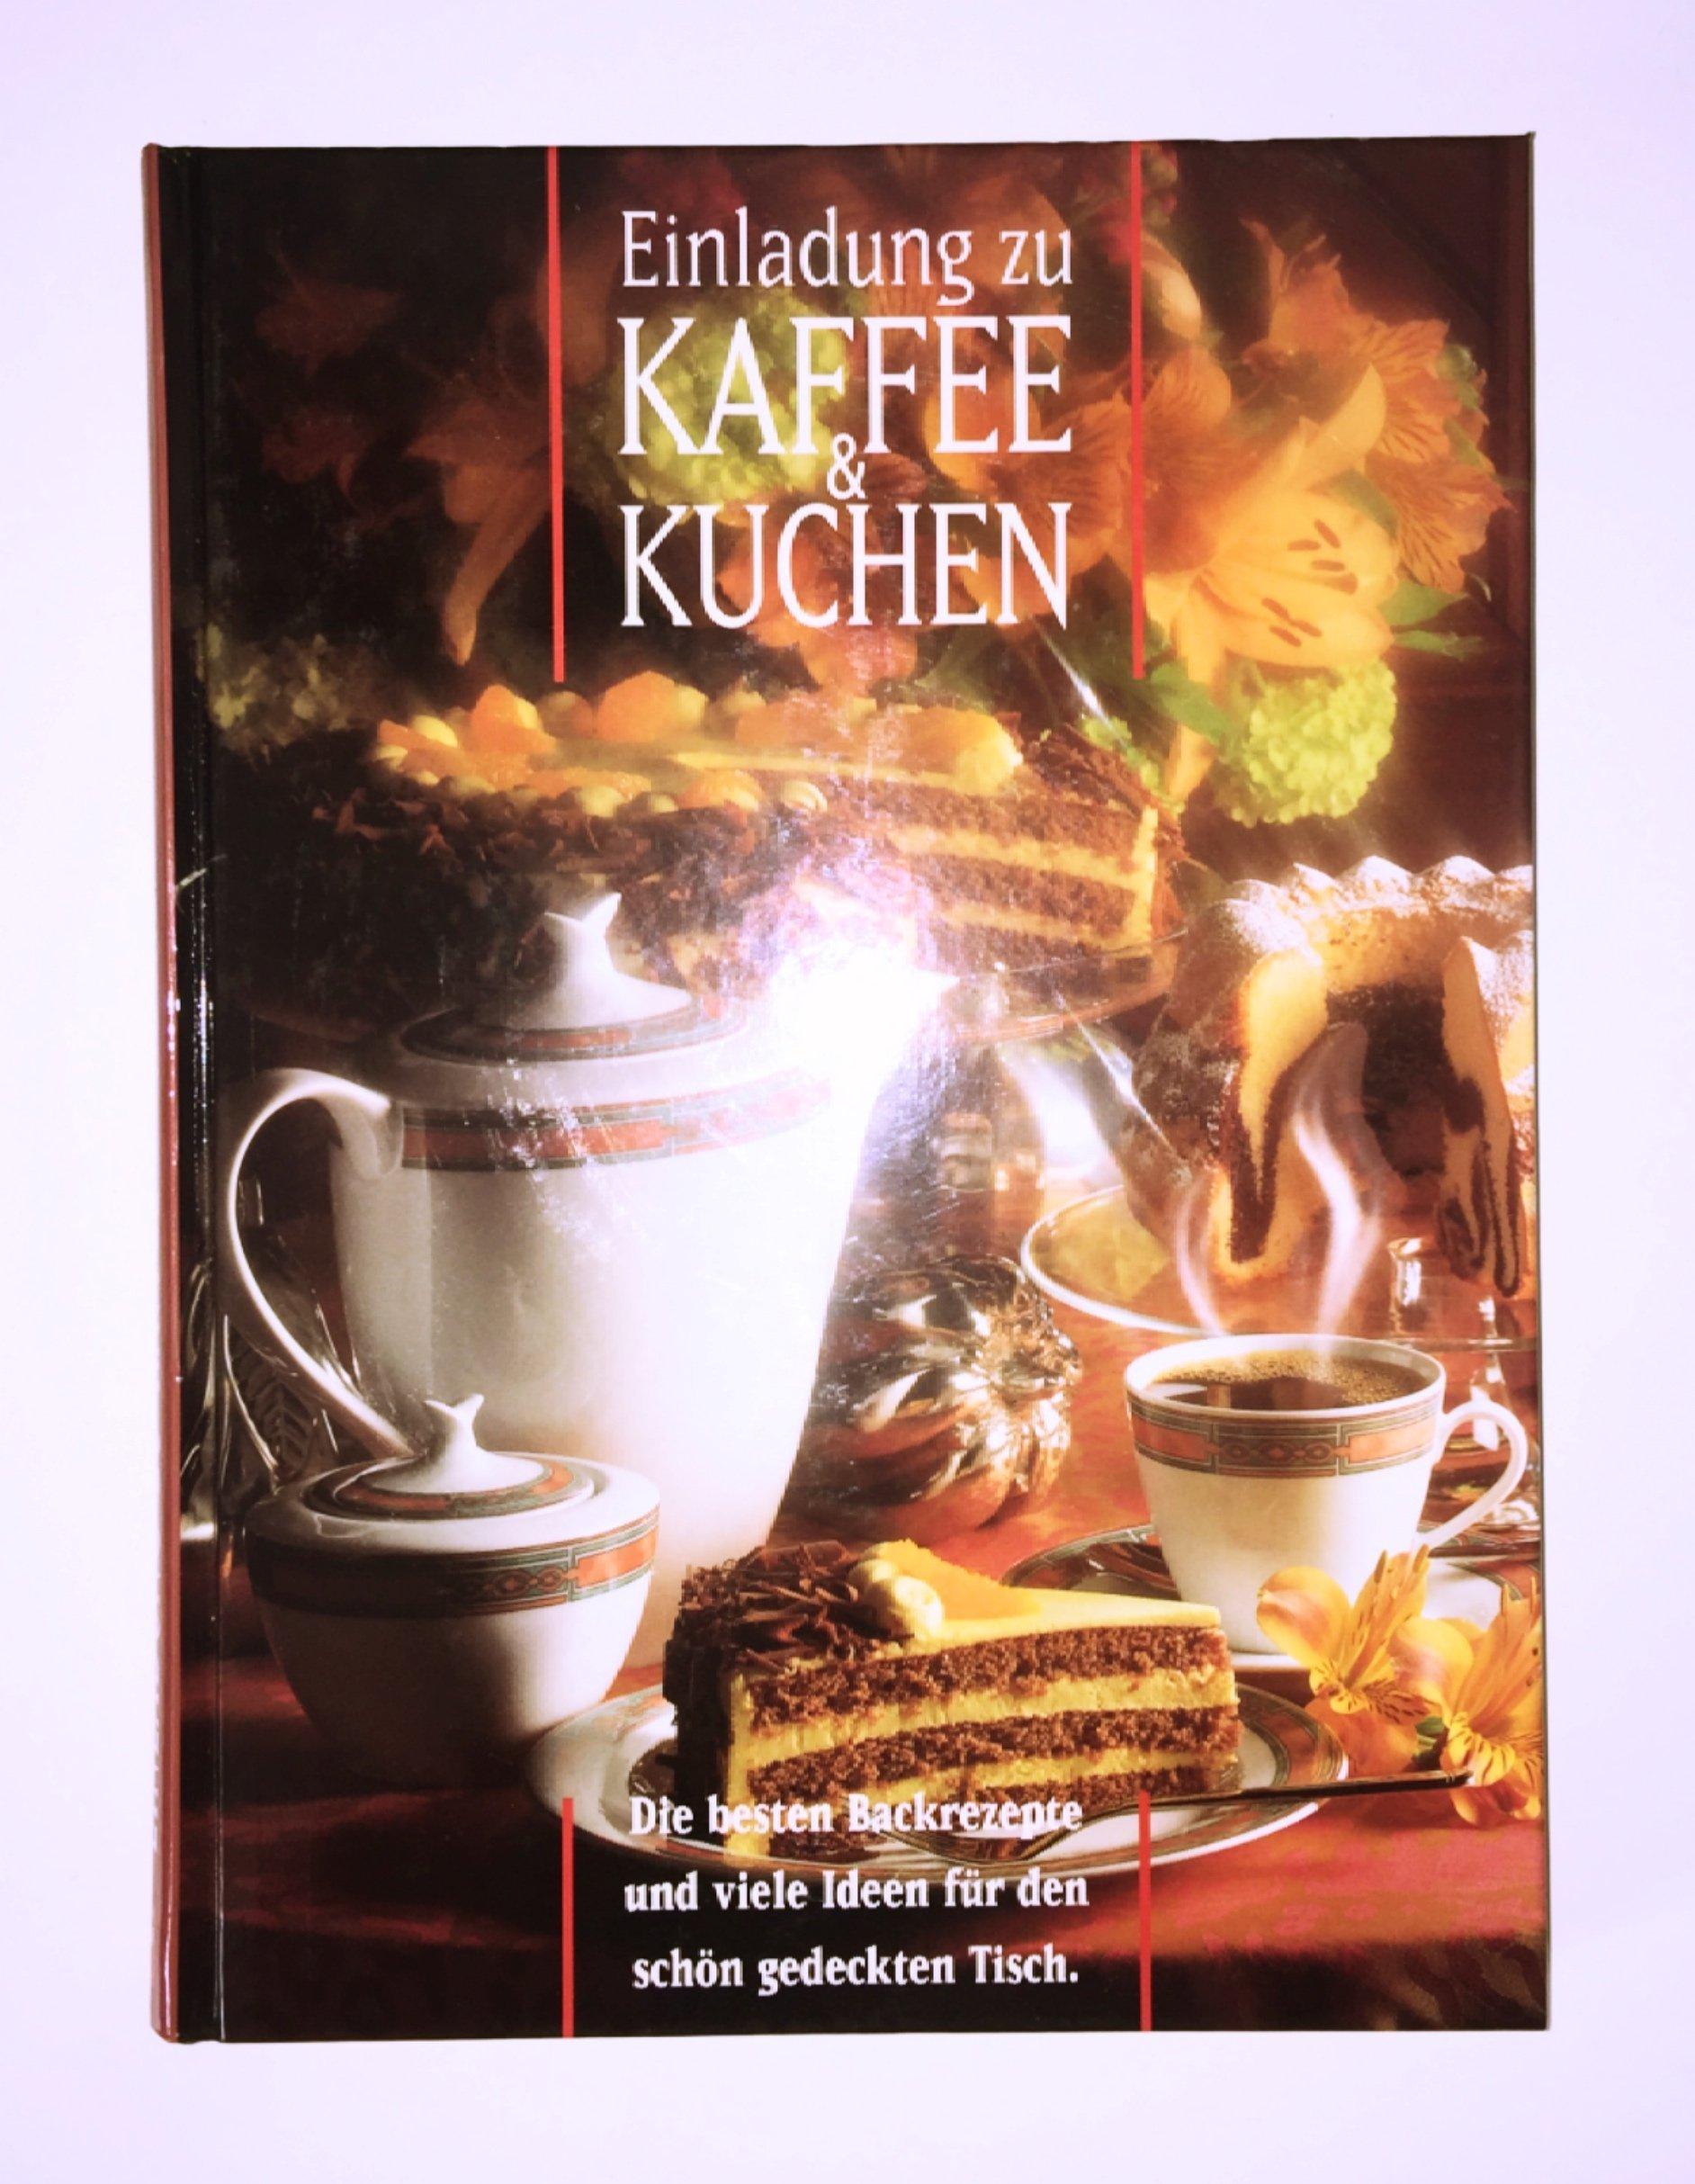 Einladung Zu Kaffee Kuchen Amazon De Bucher